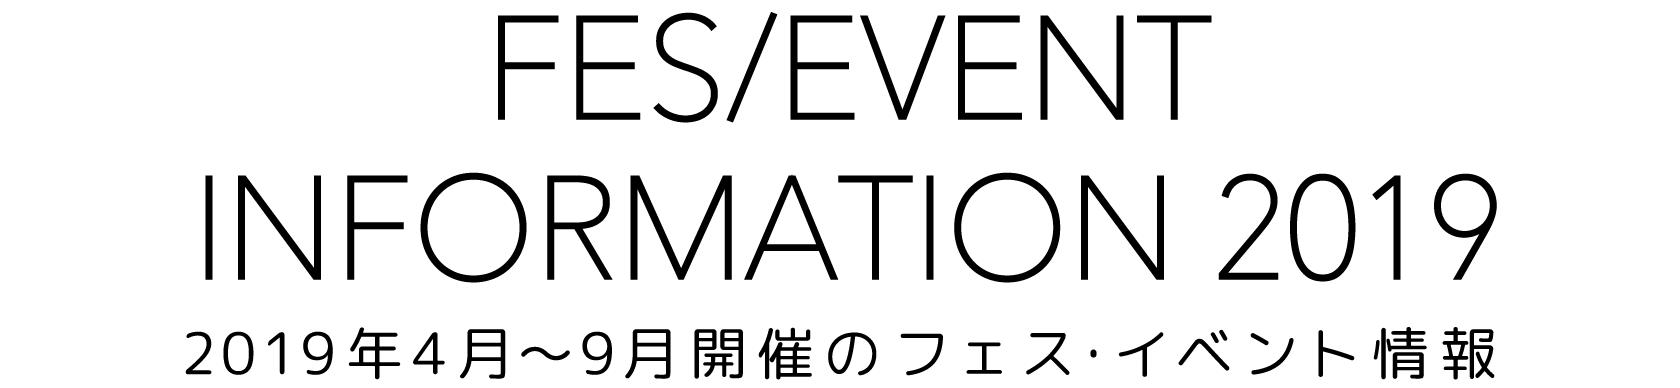 2019年4月~9月開催のフェス・イベント情報 -FES & EVENT INFORMATION 2019